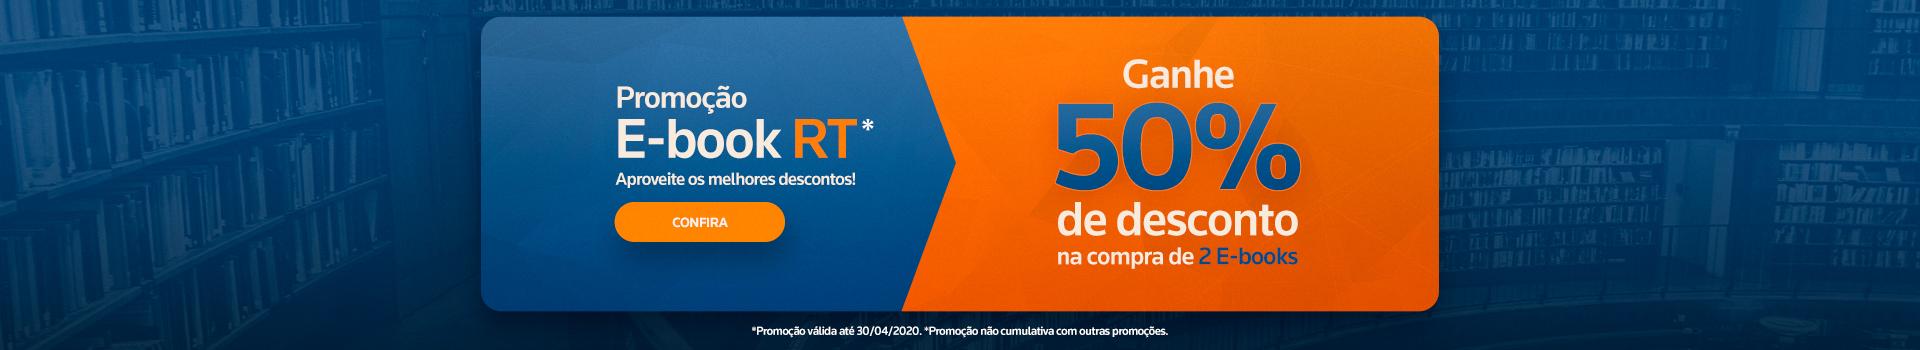 2 E-books 50%